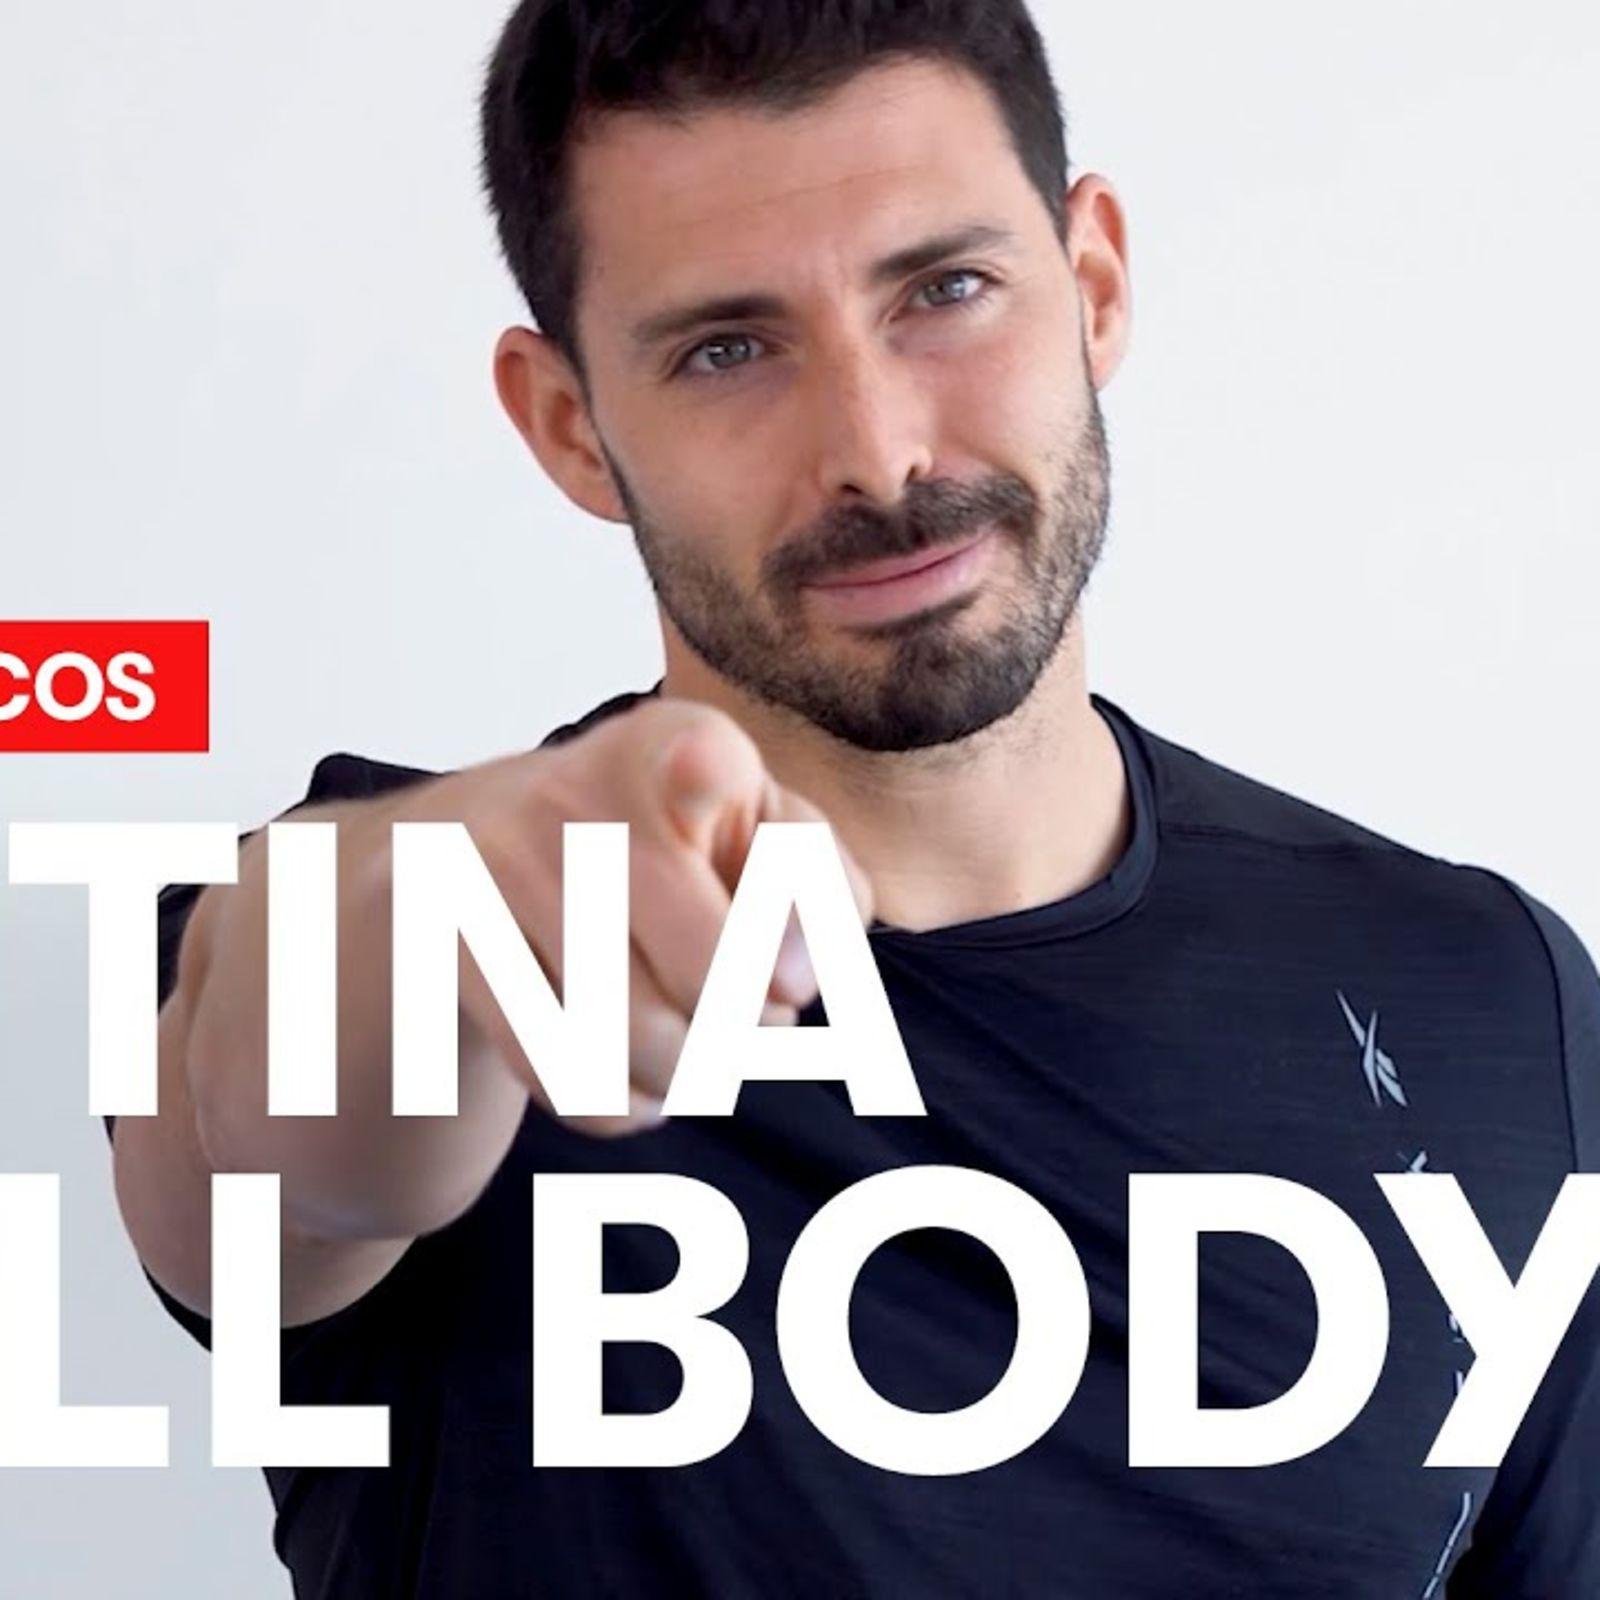 Entrena todo tu cuerpo en 16 minutos: Rutina full body | Musculocos